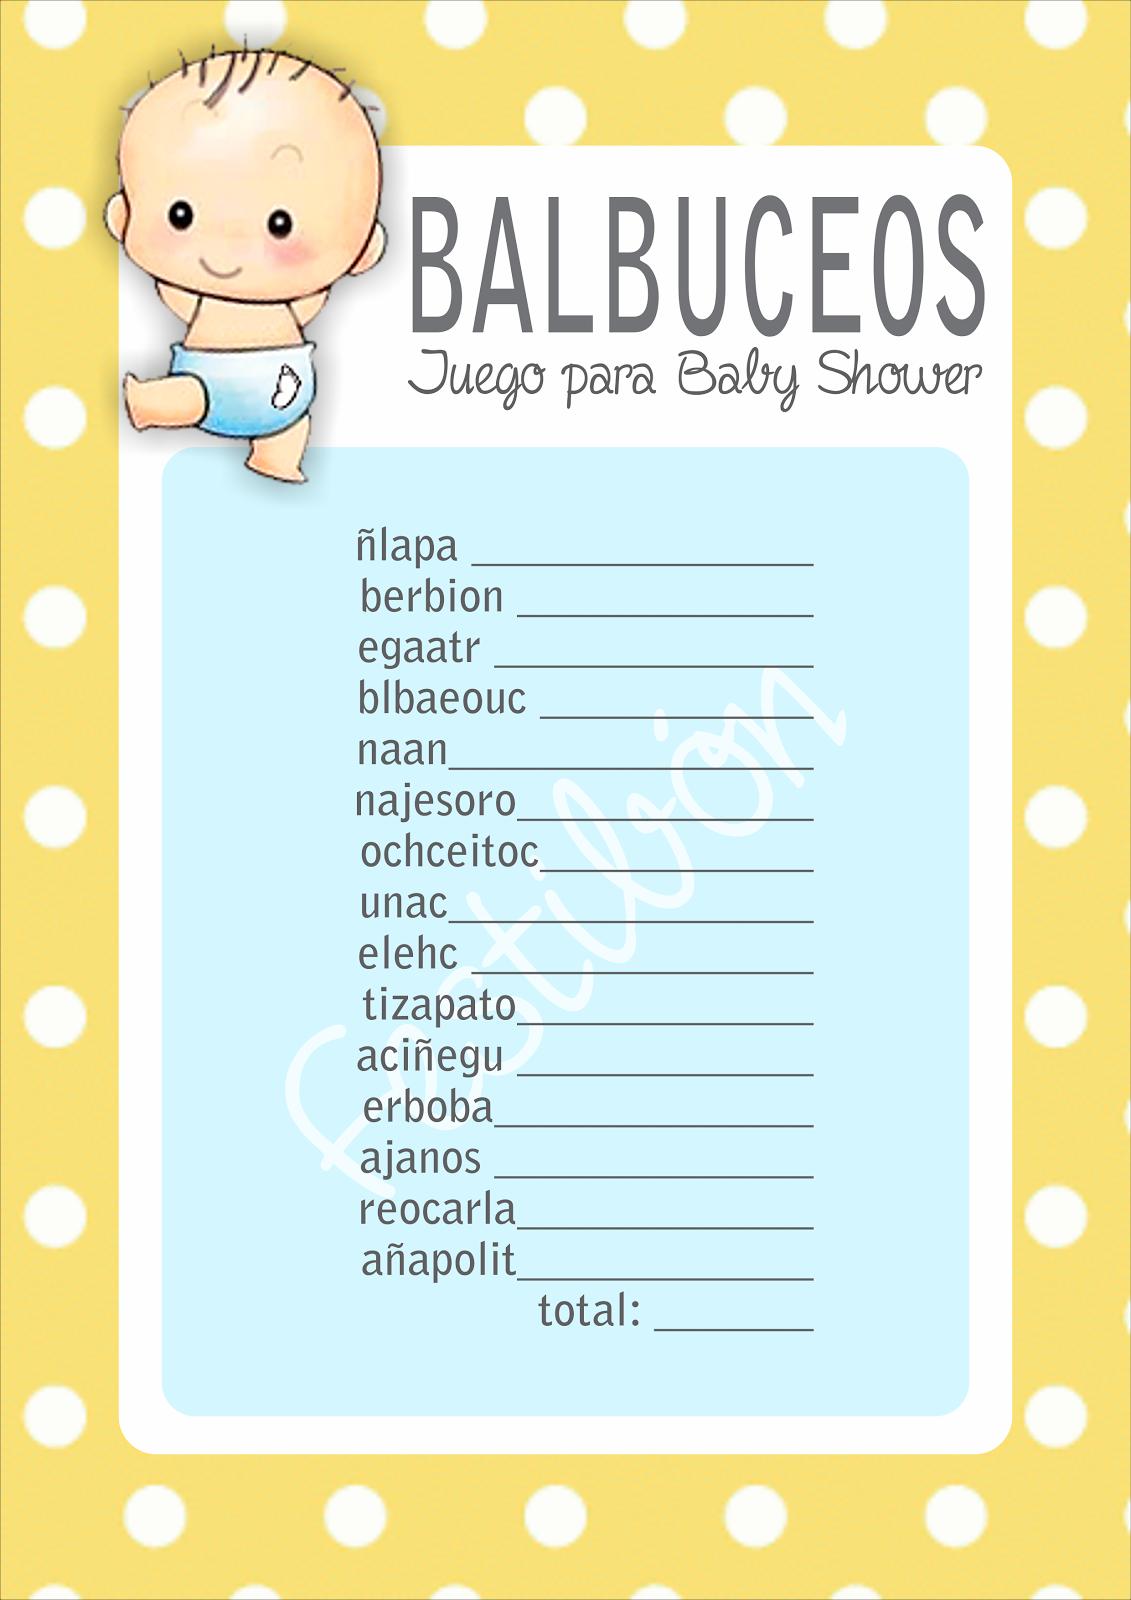 79 Juegos Para Baby Shower Modernos Para Imprimir Juegos Baby